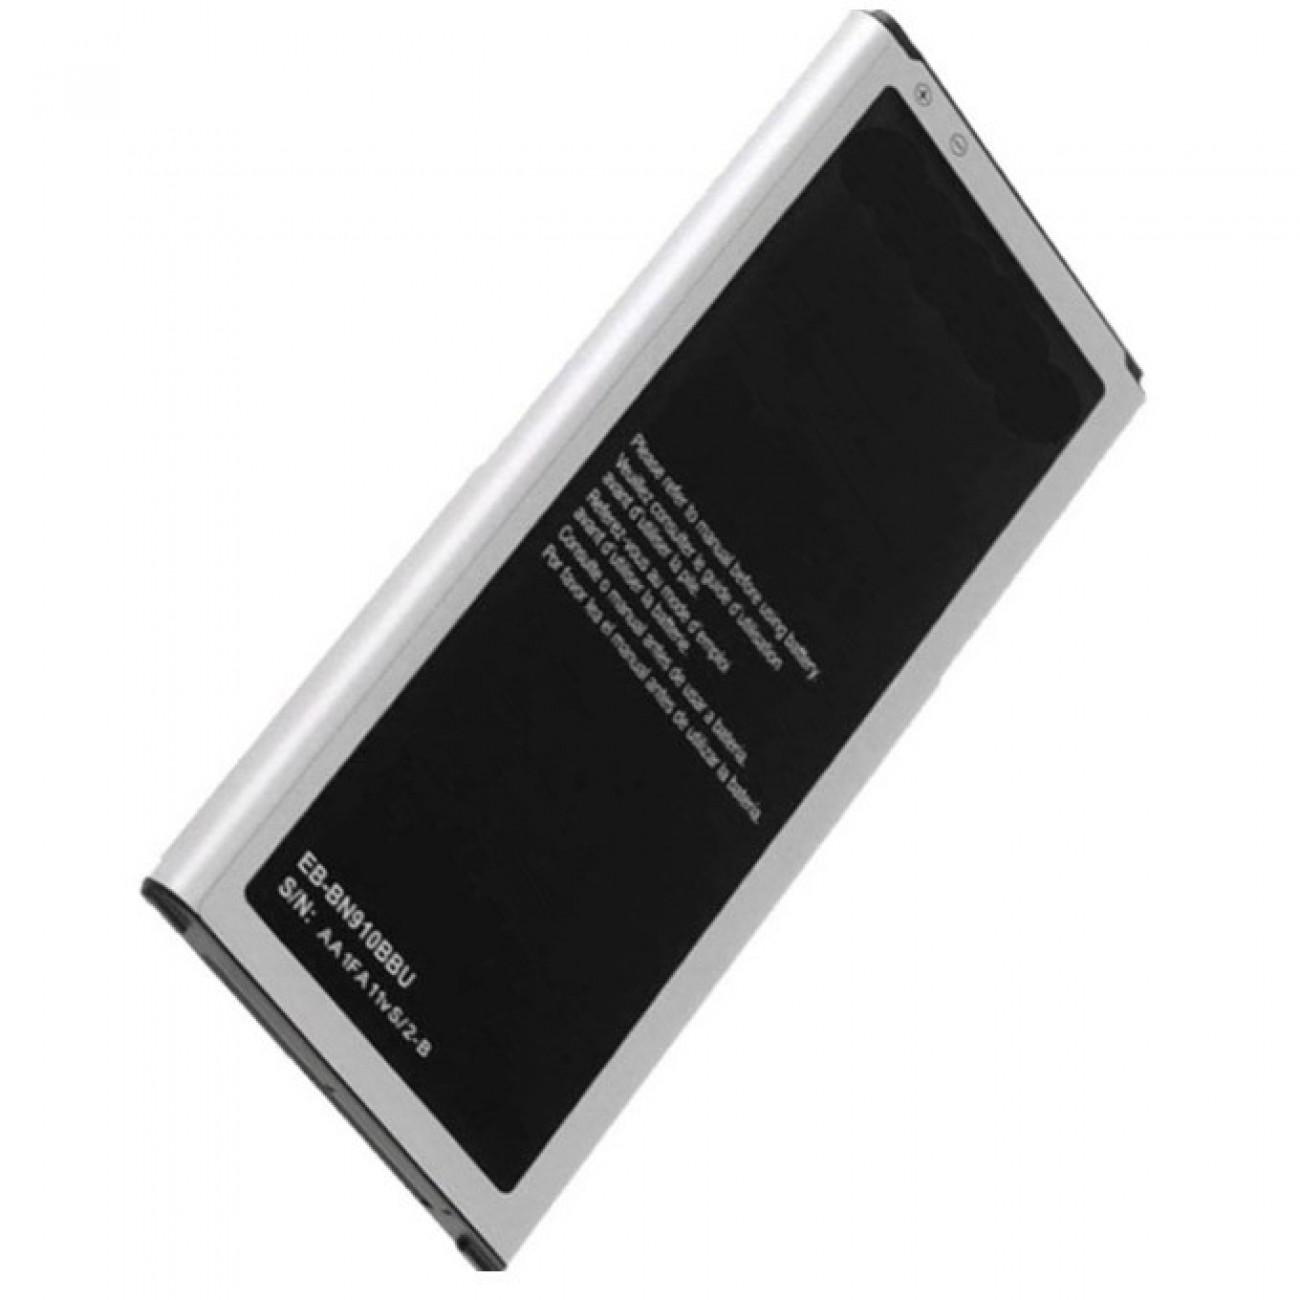 Батерия (заместител) Zik, за Samsung Galaxy Note 4/N910F, 3200mAh в Батерии за Телефони, Таблети - Zik   Alleop